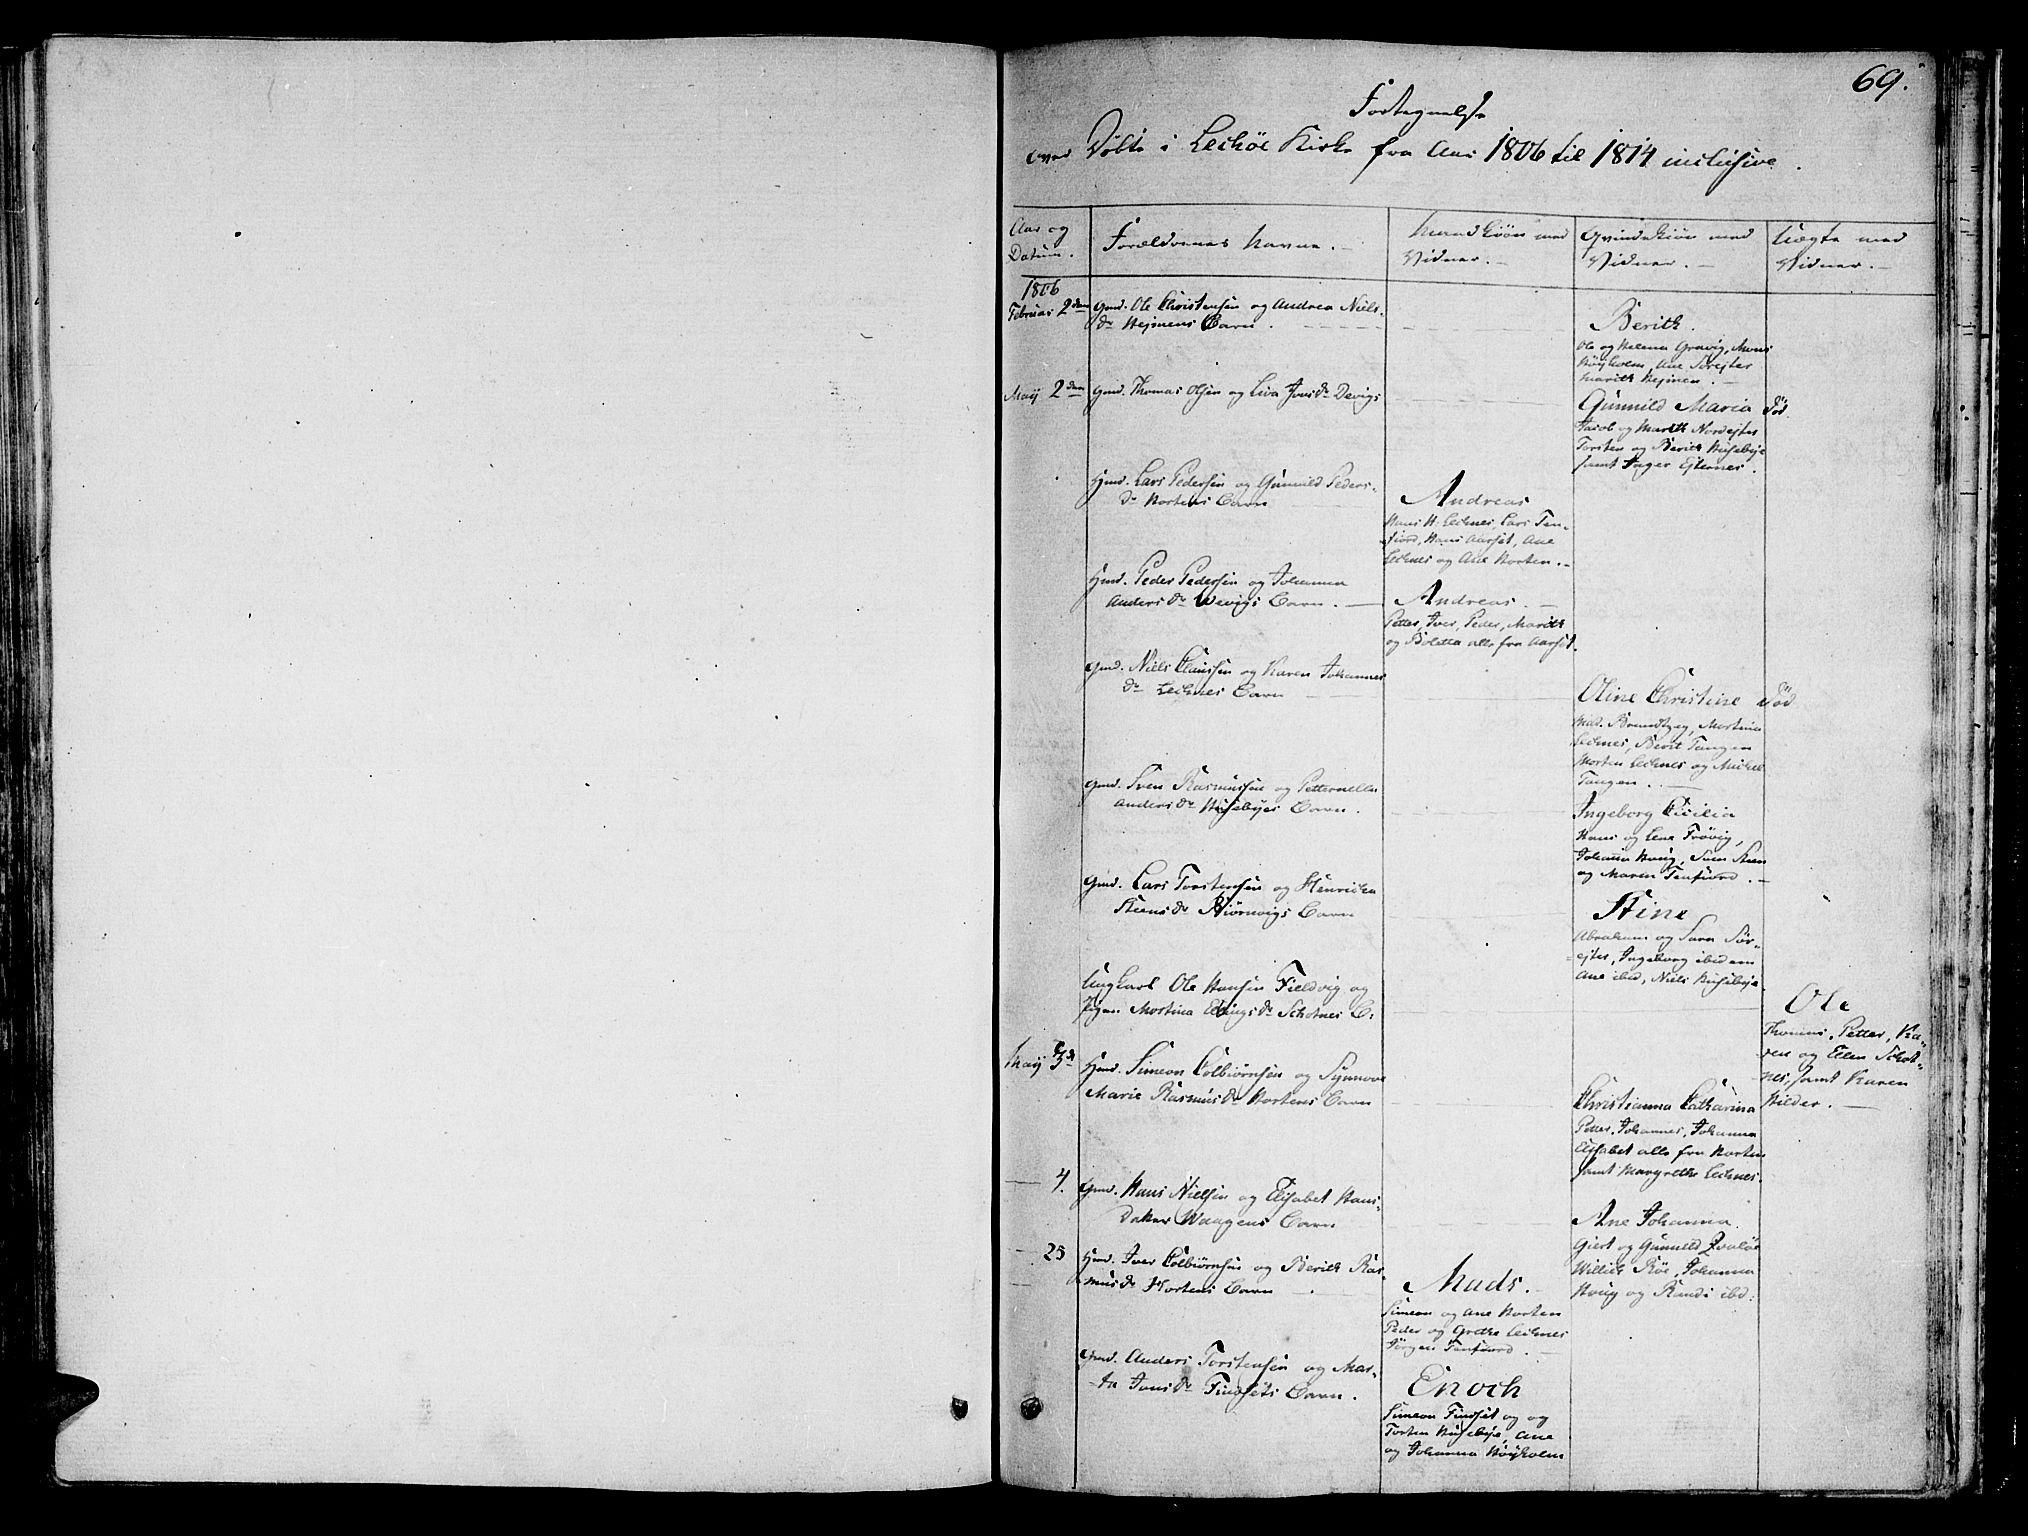 SAT, Ministerialprotokoller, klokkerbøker og fødselsregistre - Nord-Trøndelag, 780/L0633: Ministerialbok nr. 780A02 /2, 1806-1814, s. 69